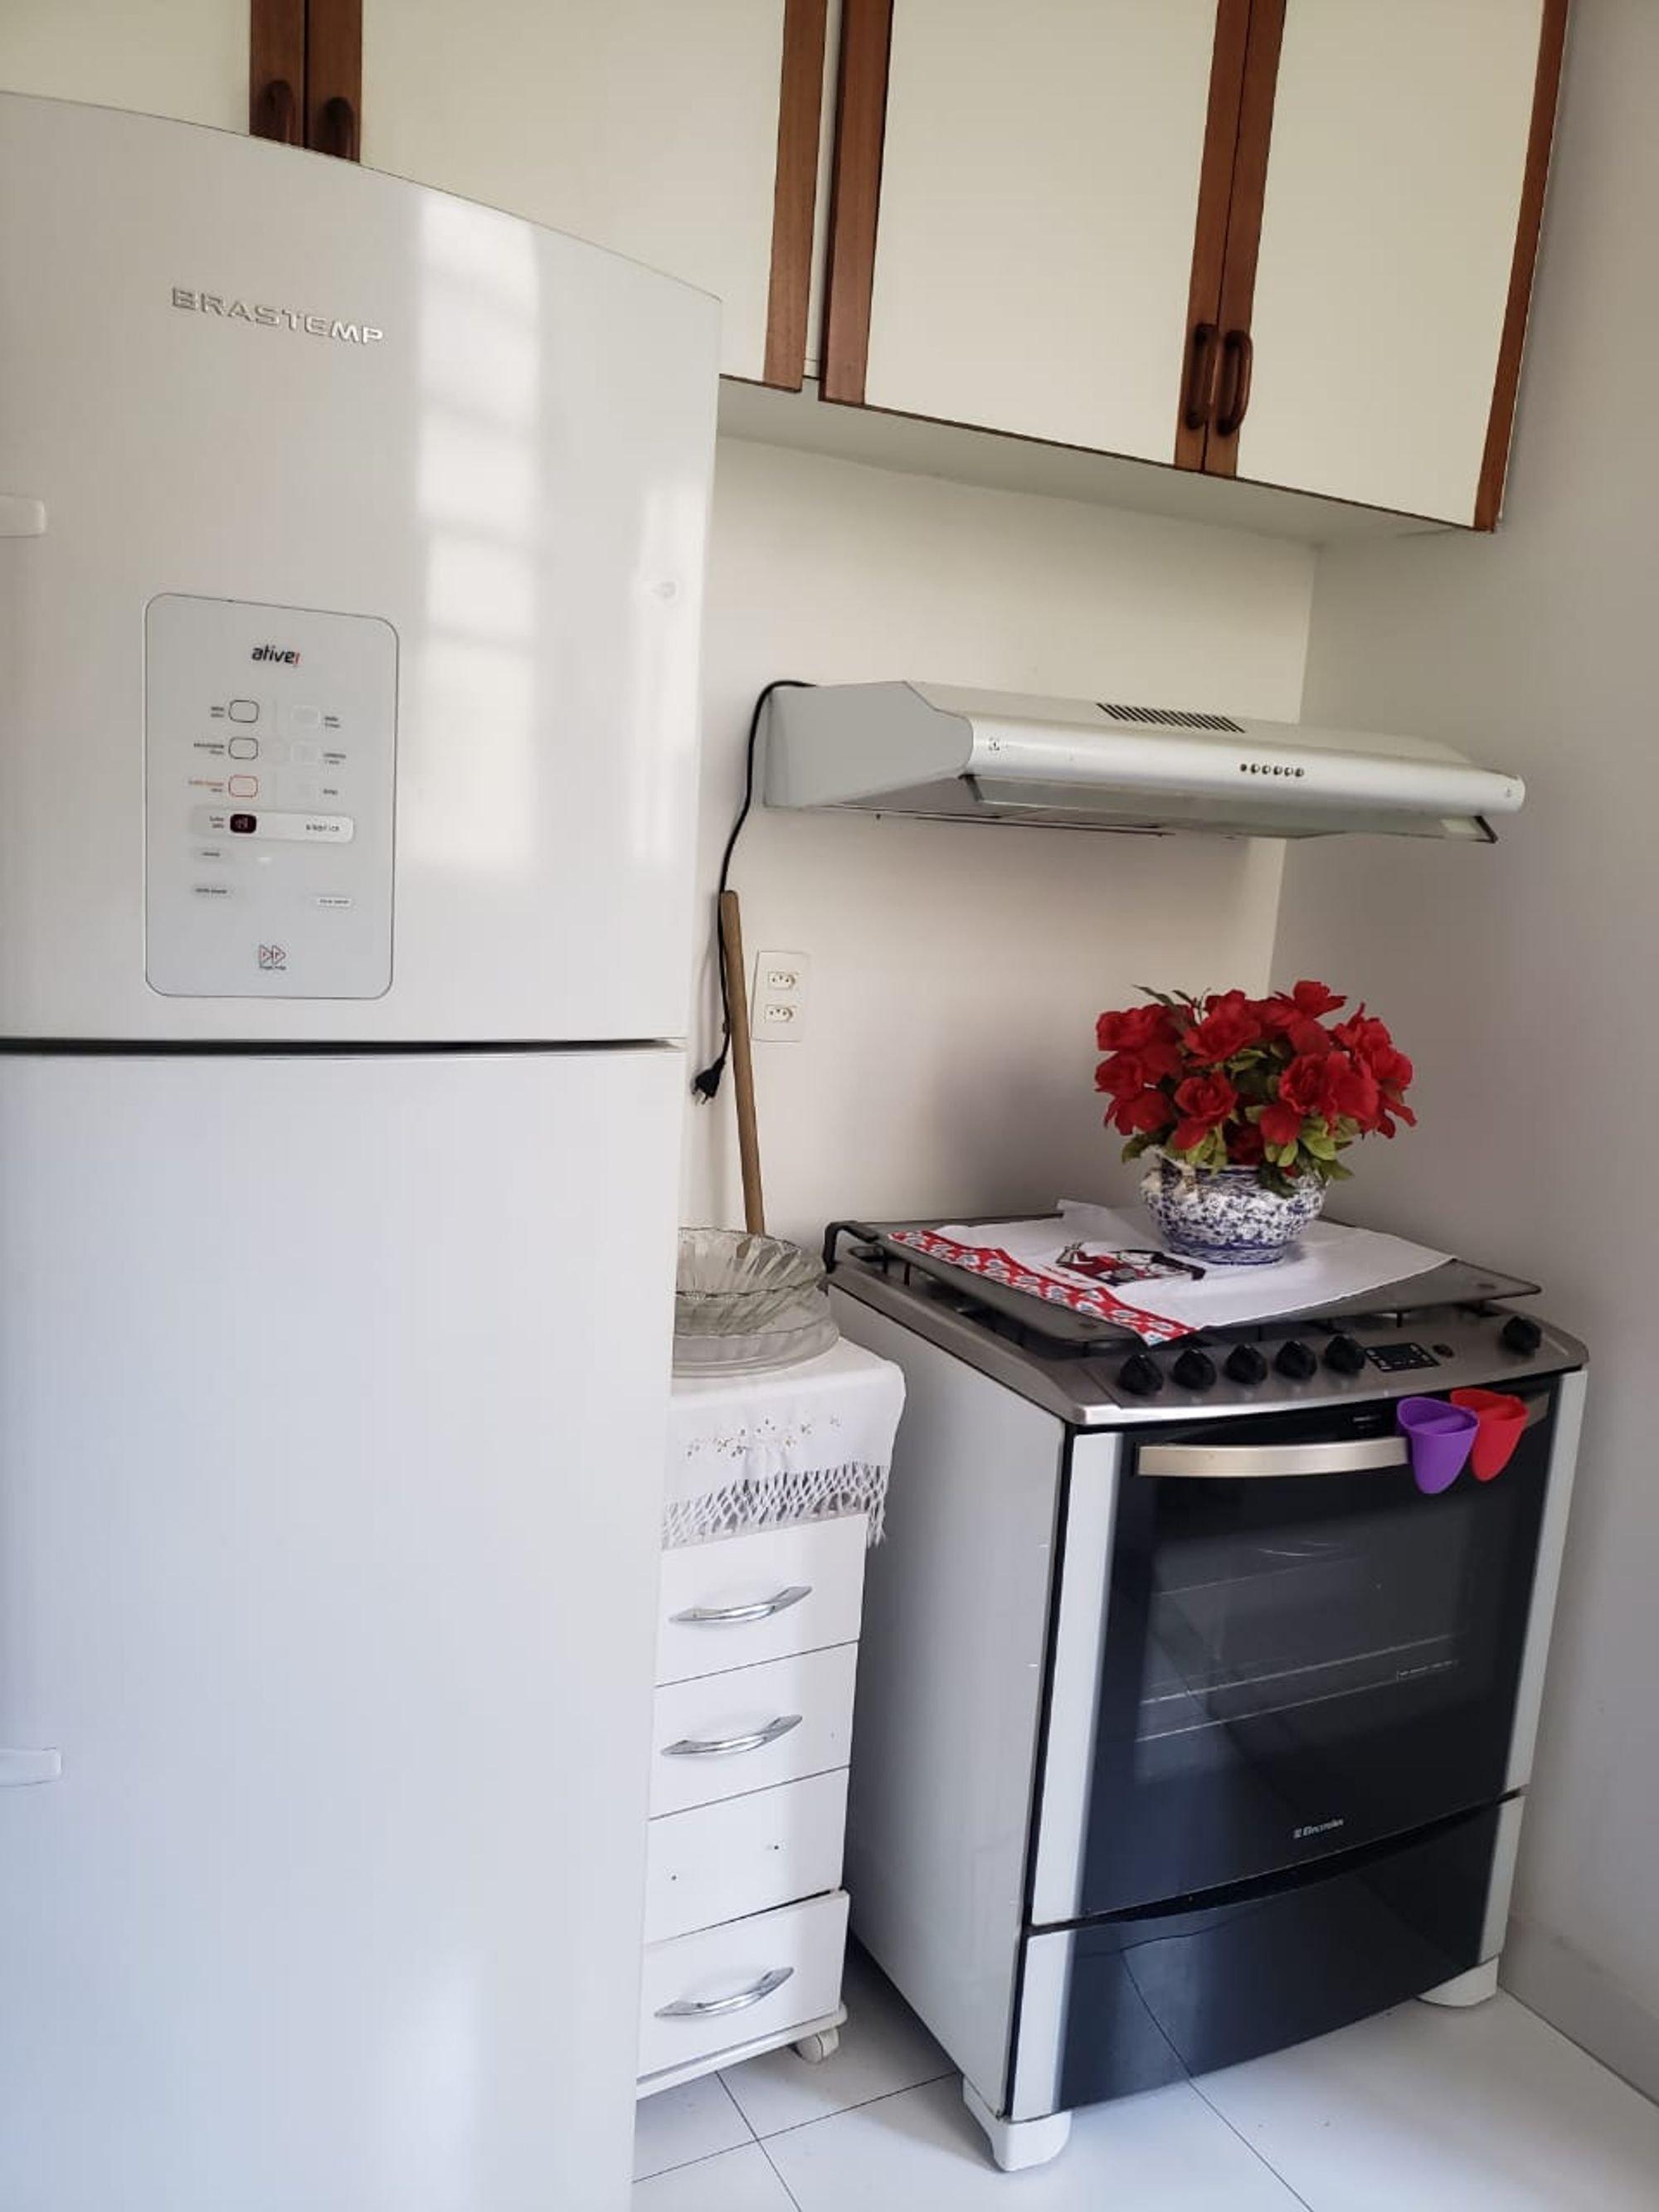 Foto de Cozinha com vaso de planta, geladeira, vaso